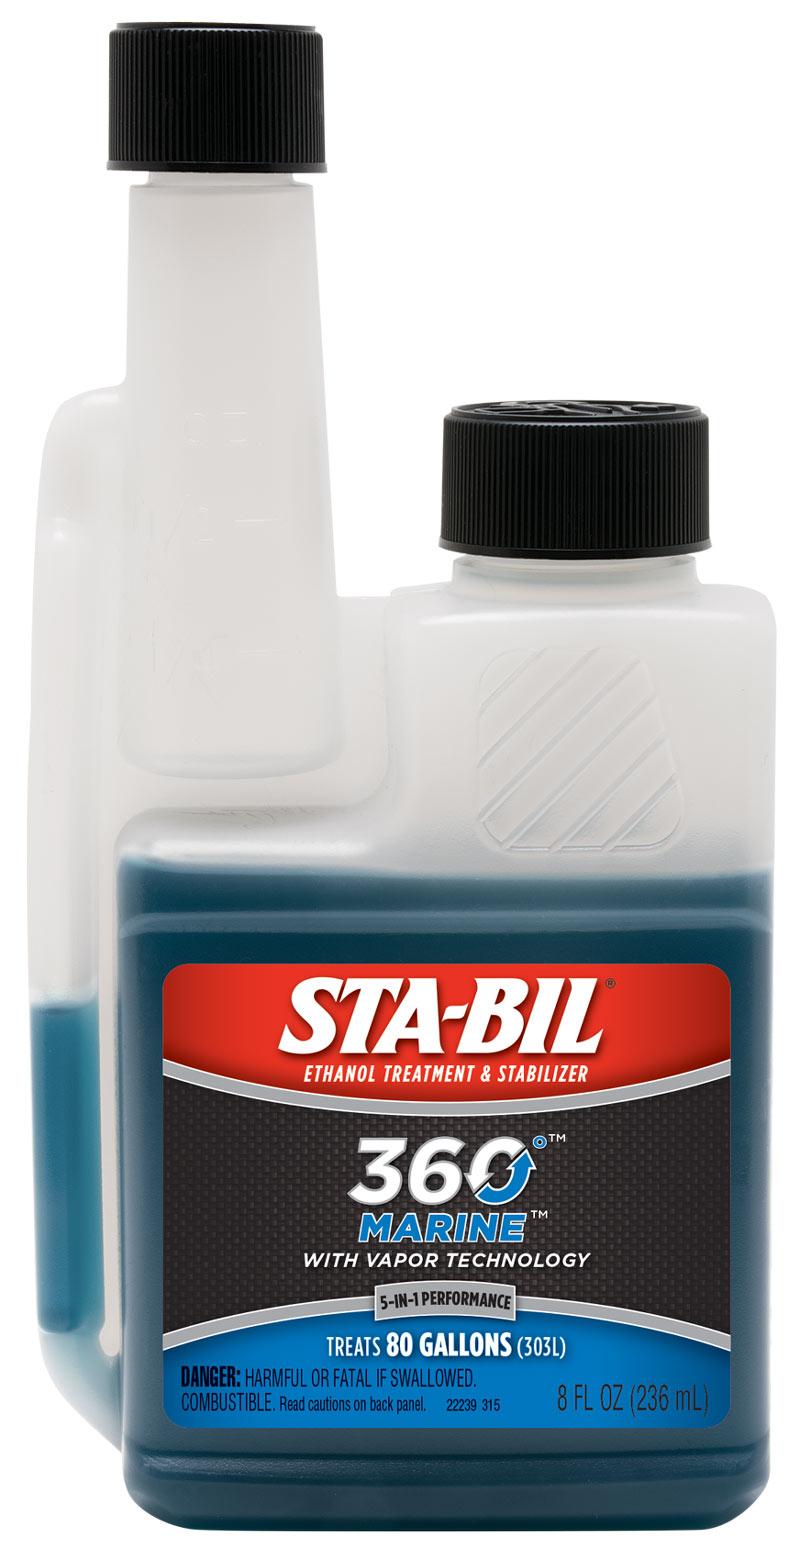 Stabil bensintillsats